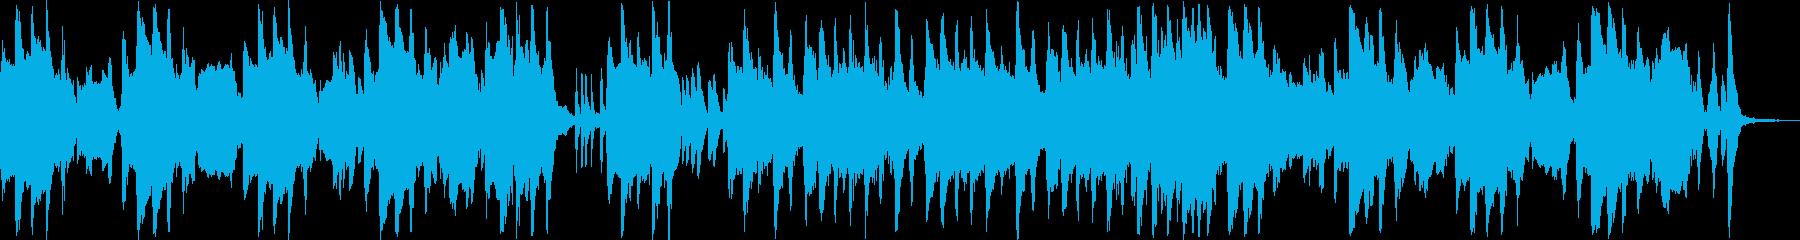 忍び込むシーンのコミカル曲の再生済みの波形